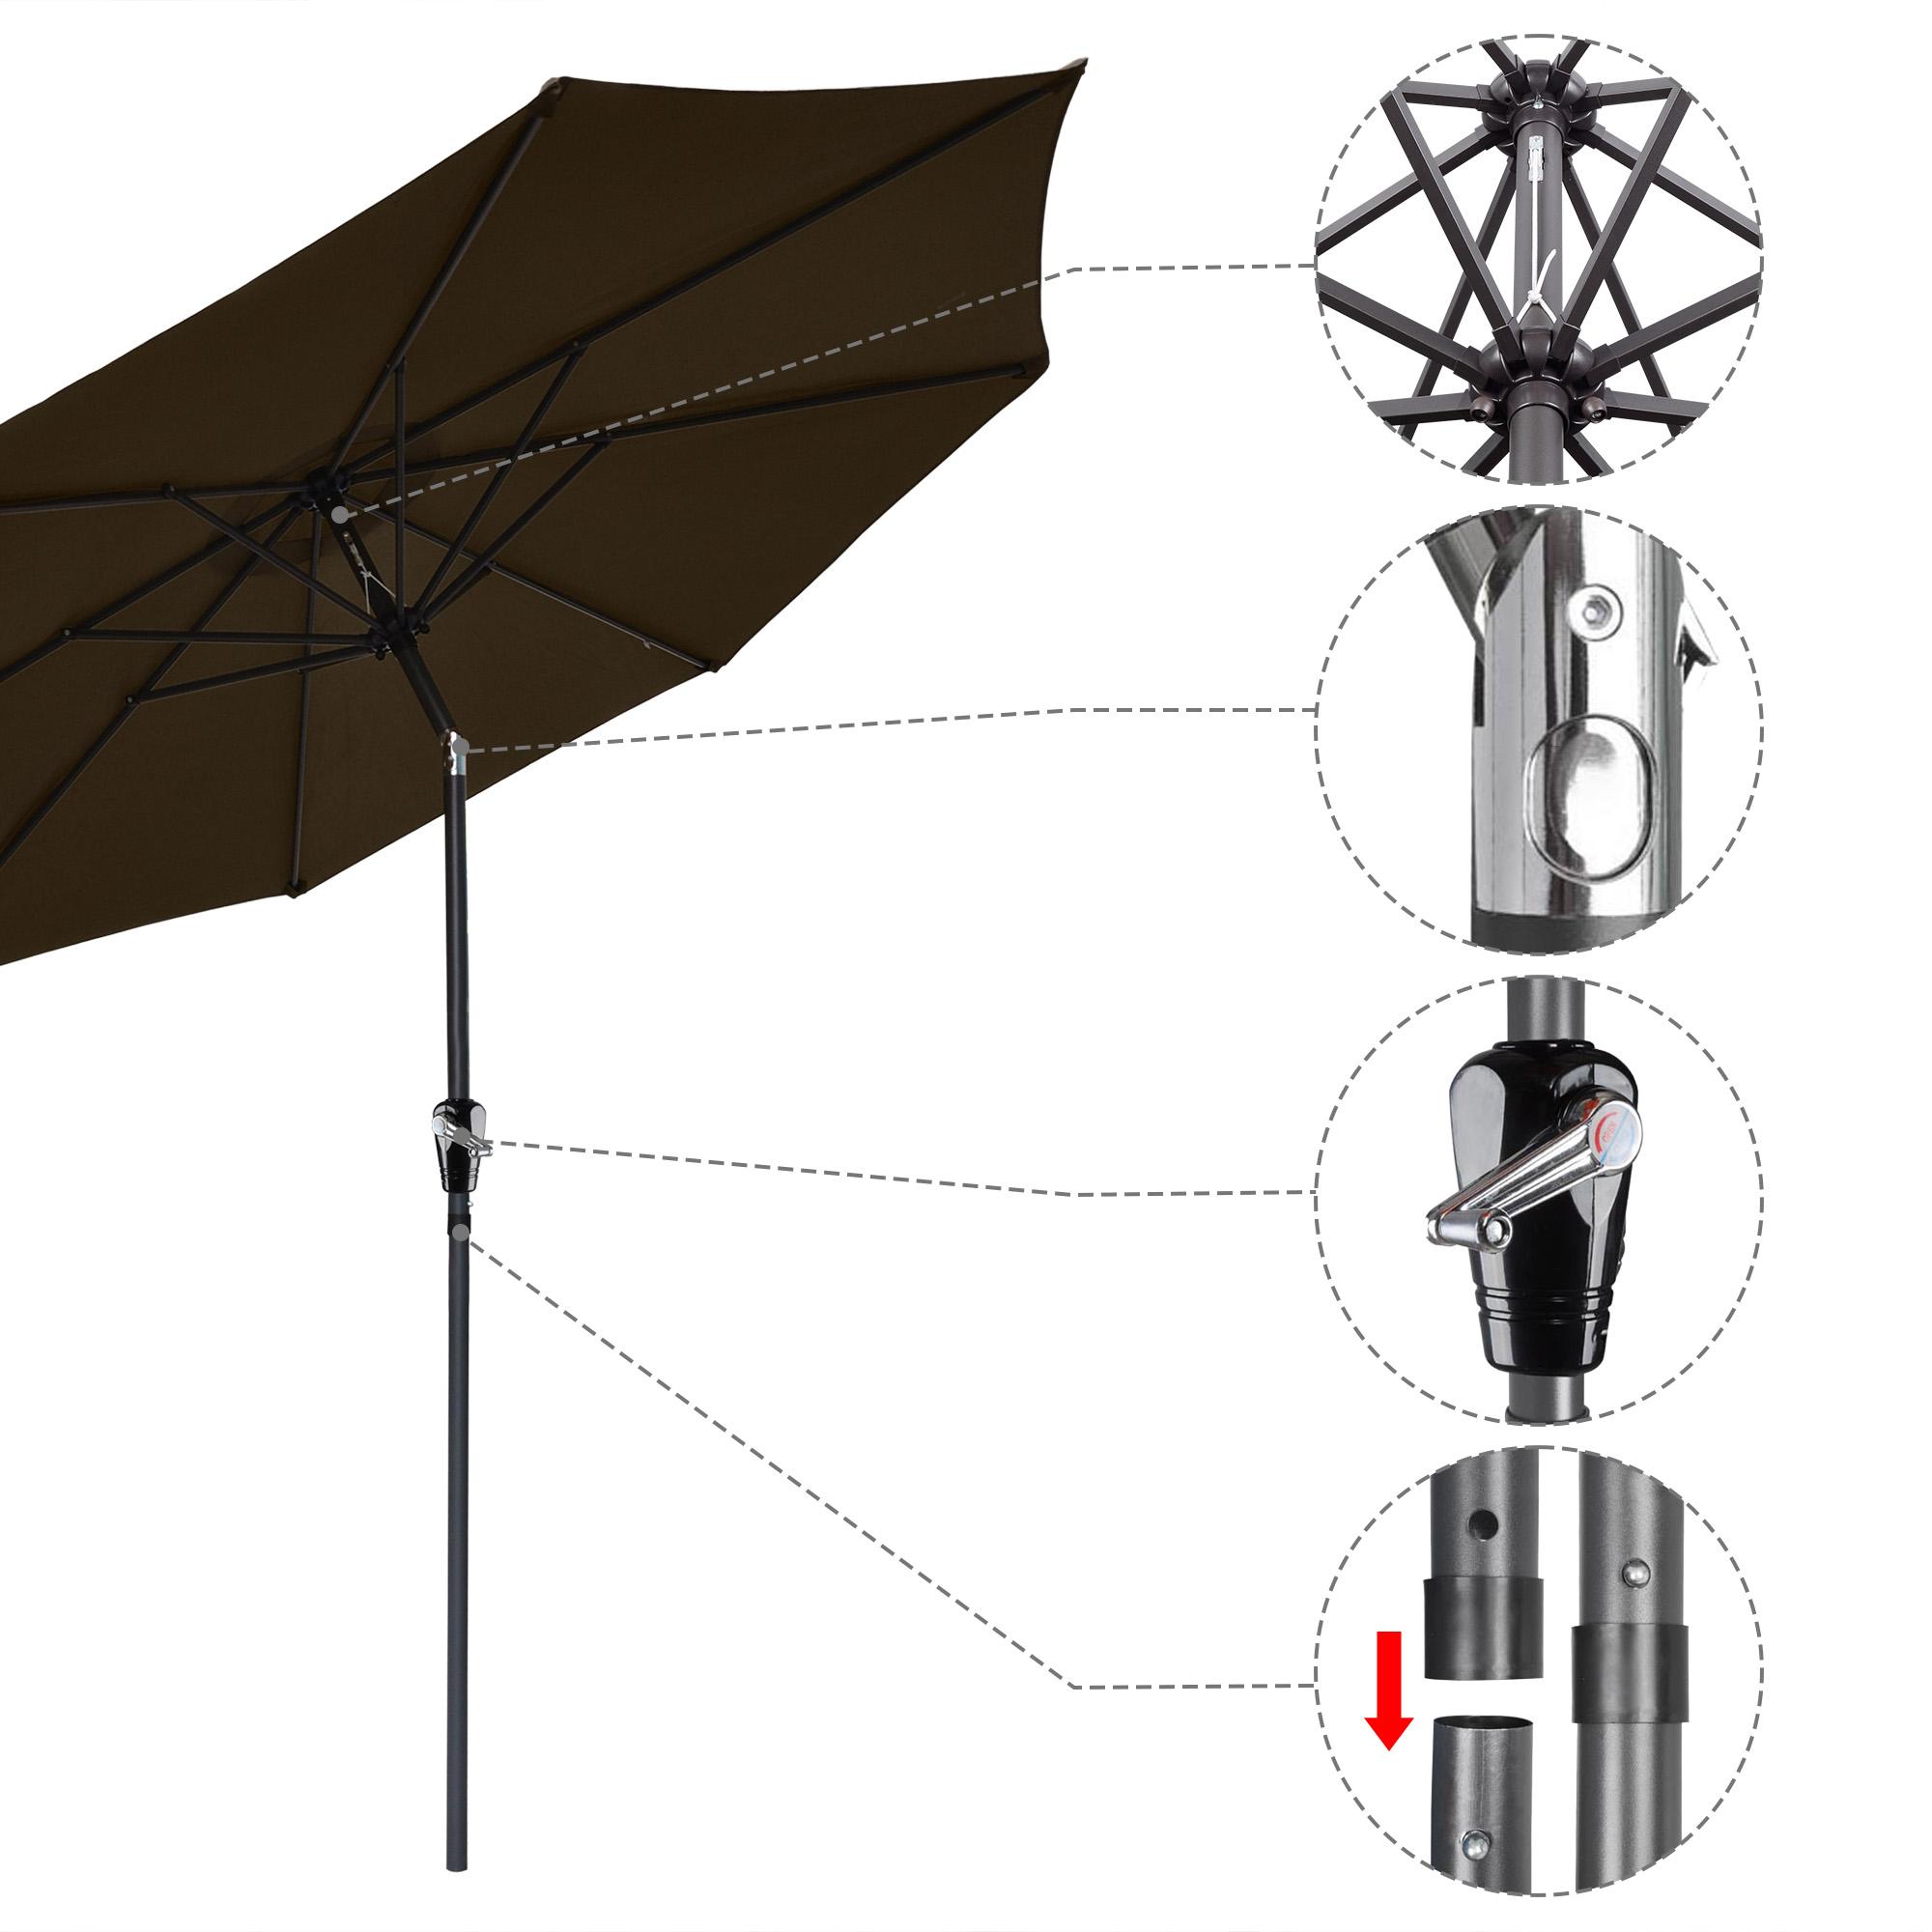 thumbnail 63 - 9' Outdoor Umbrella Patio 8 Ribs Market Garden Crank Tilt Beach Sunshade Parasol